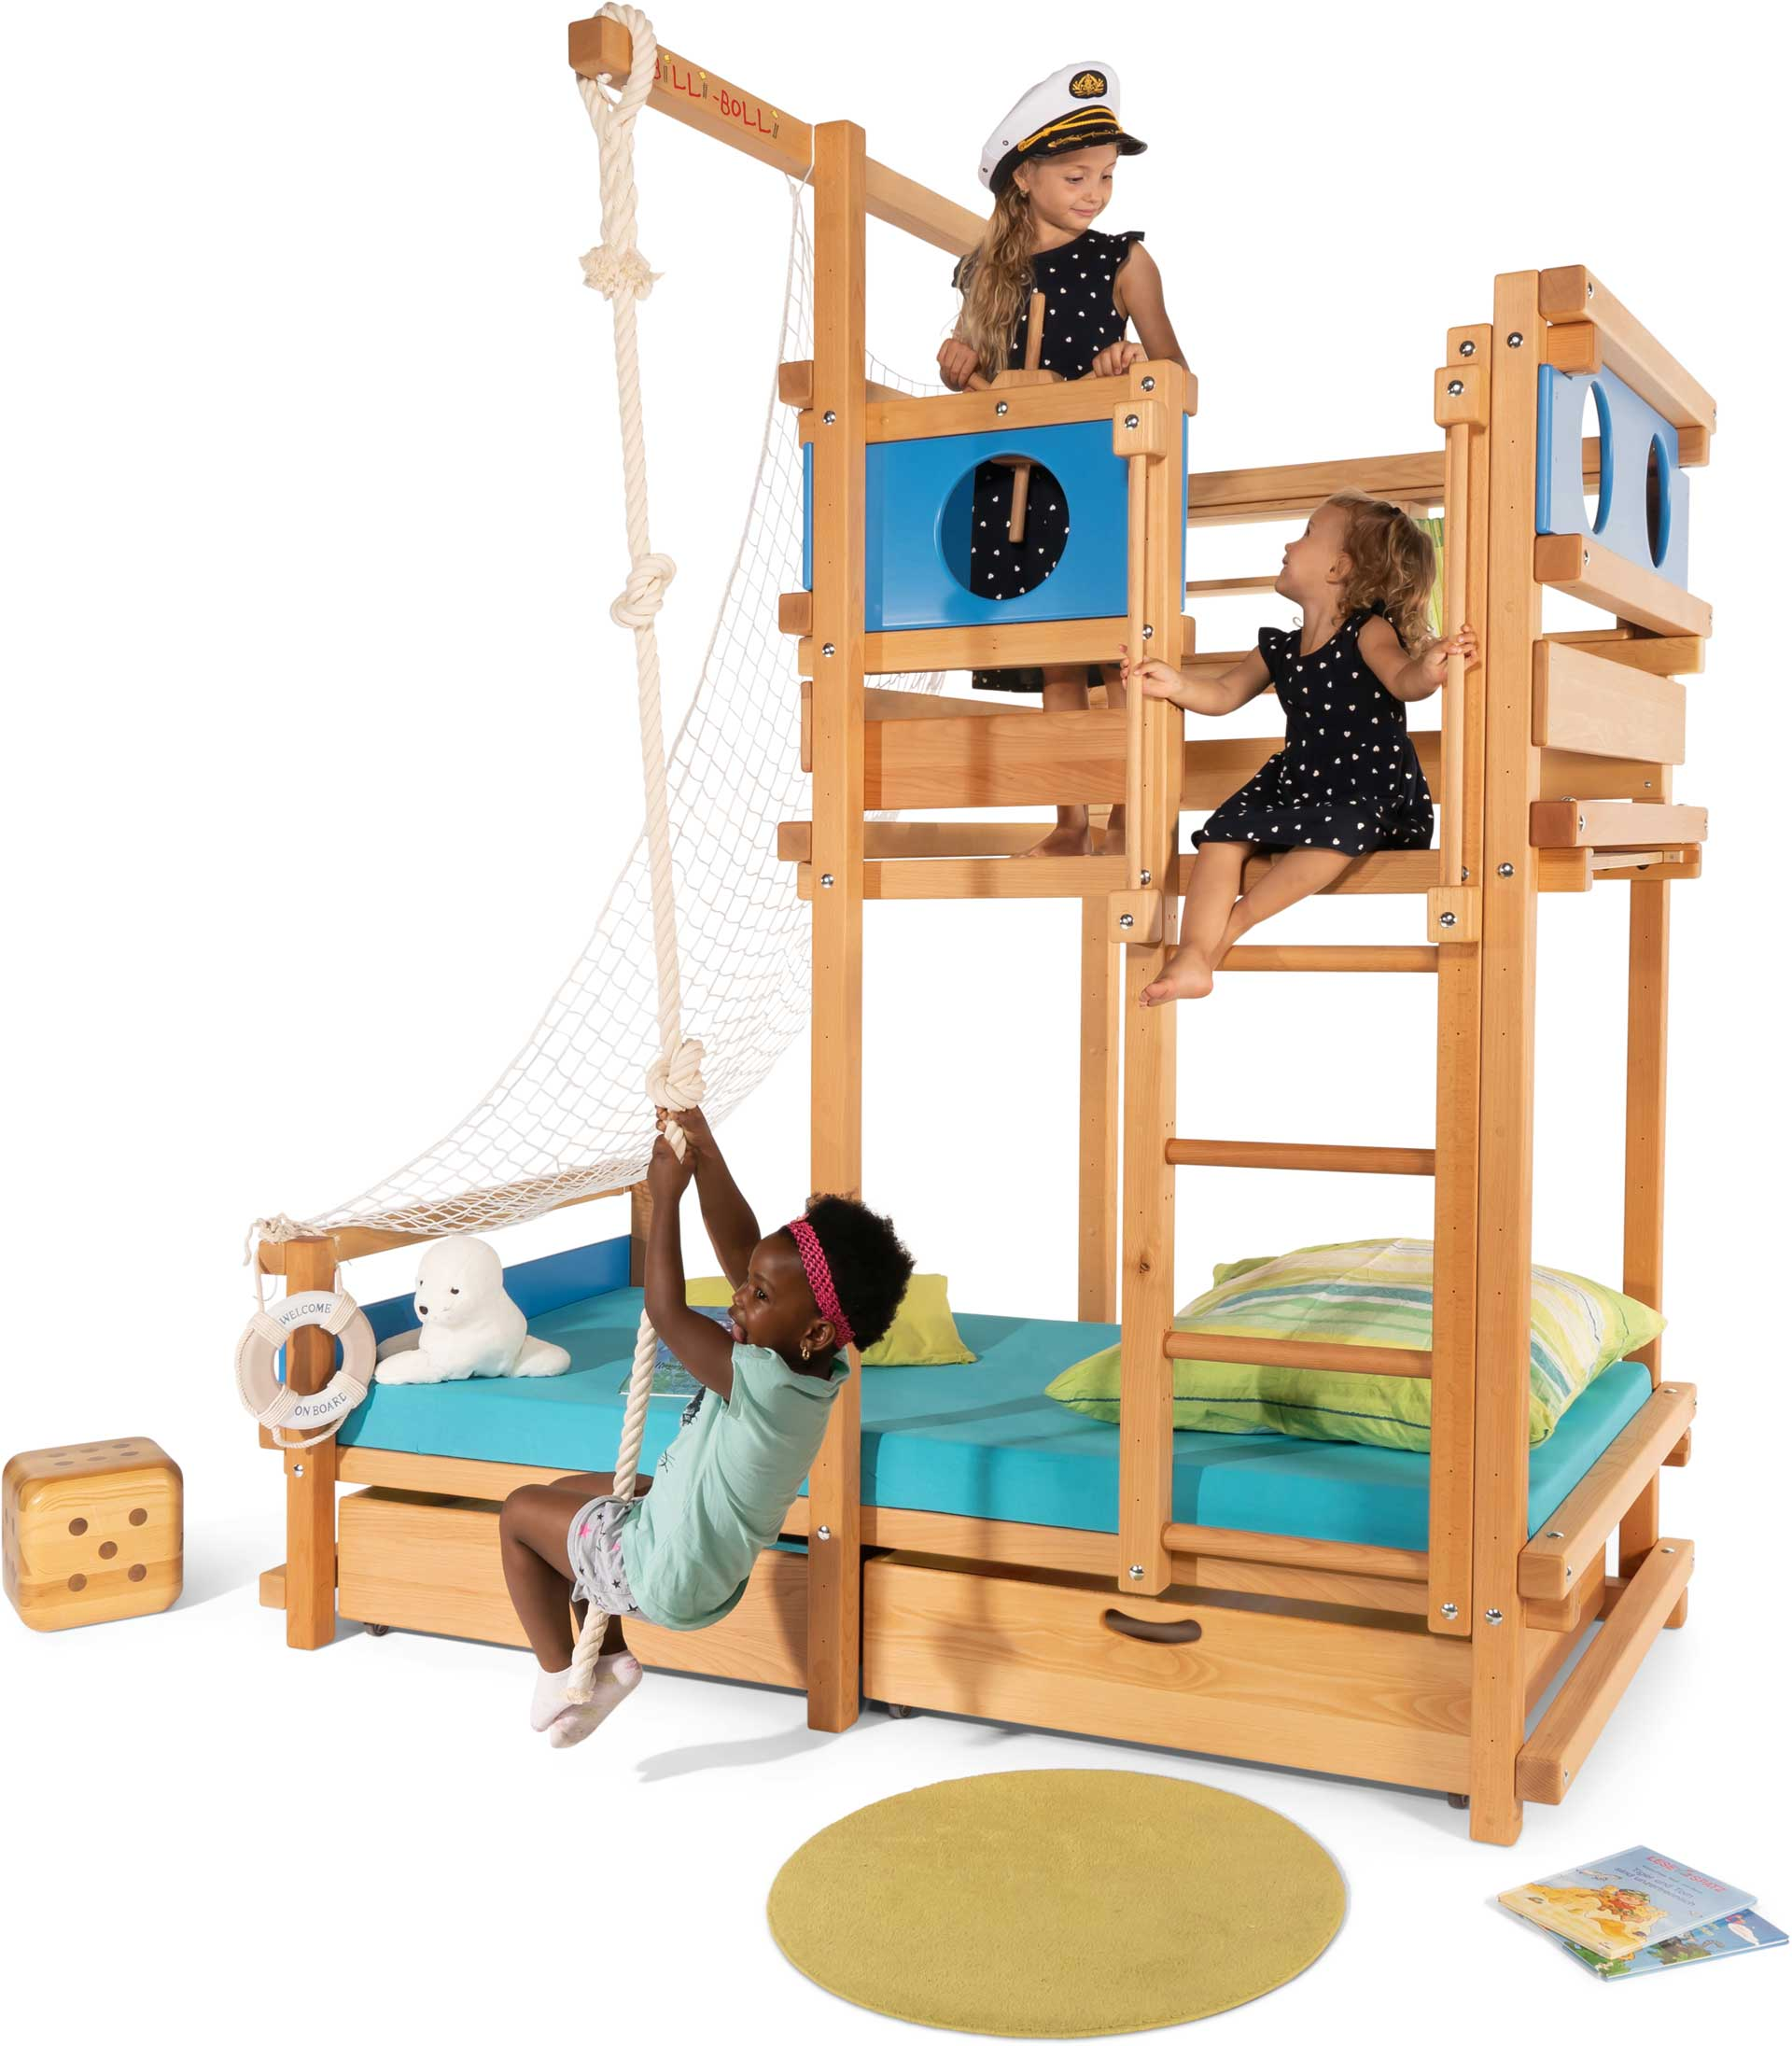 Full Size of Coole Kinderbetten Xd83dxdecf Individuell Und Auergewhnlich Billi Bolli Betten T Shirt Sprüche T Shirt Wohnzimmer Coole Kinderbetten